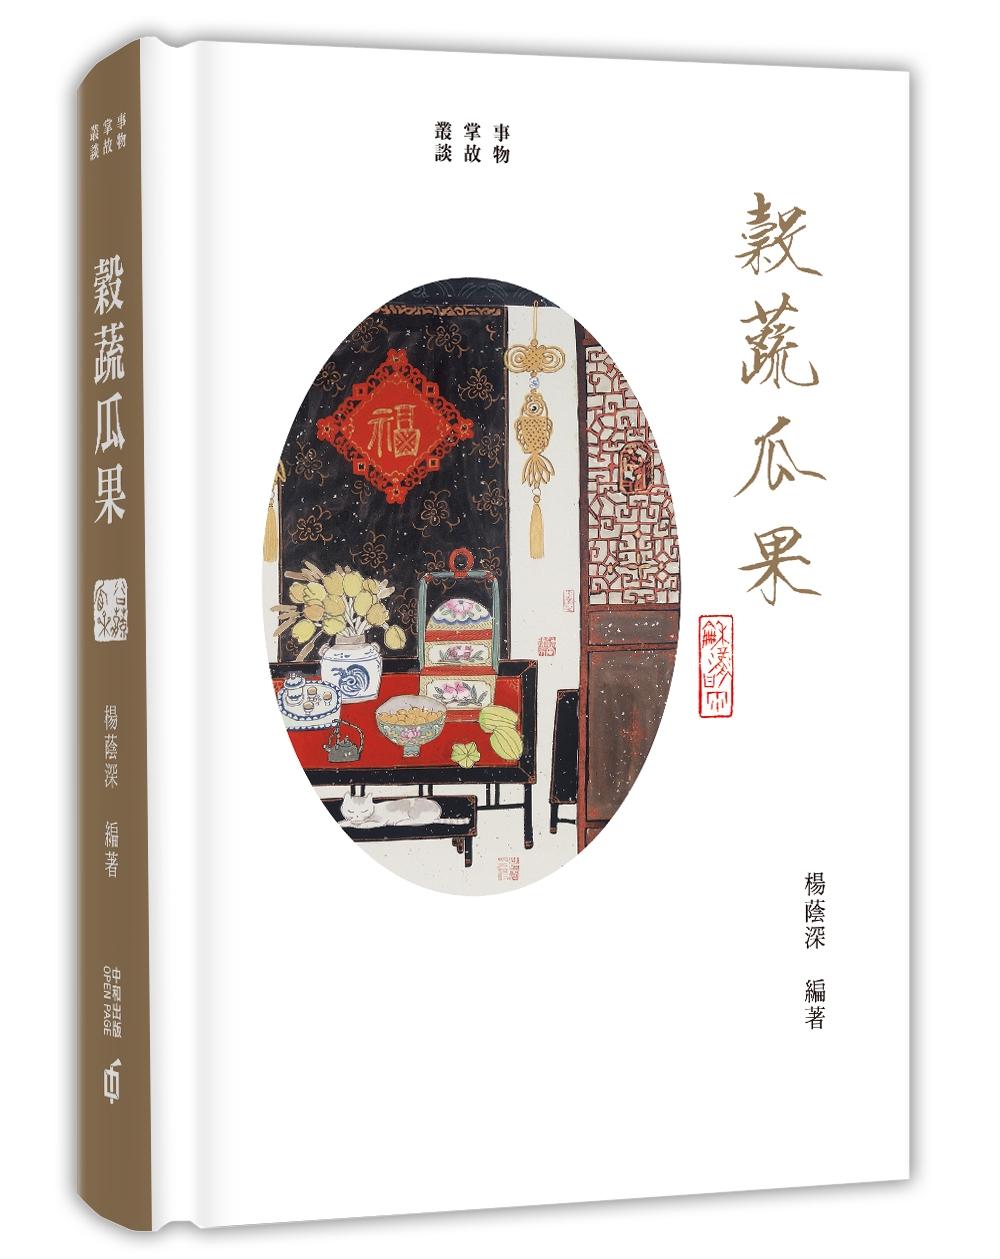 事物掌故叢談(8):穀蔬瓜果